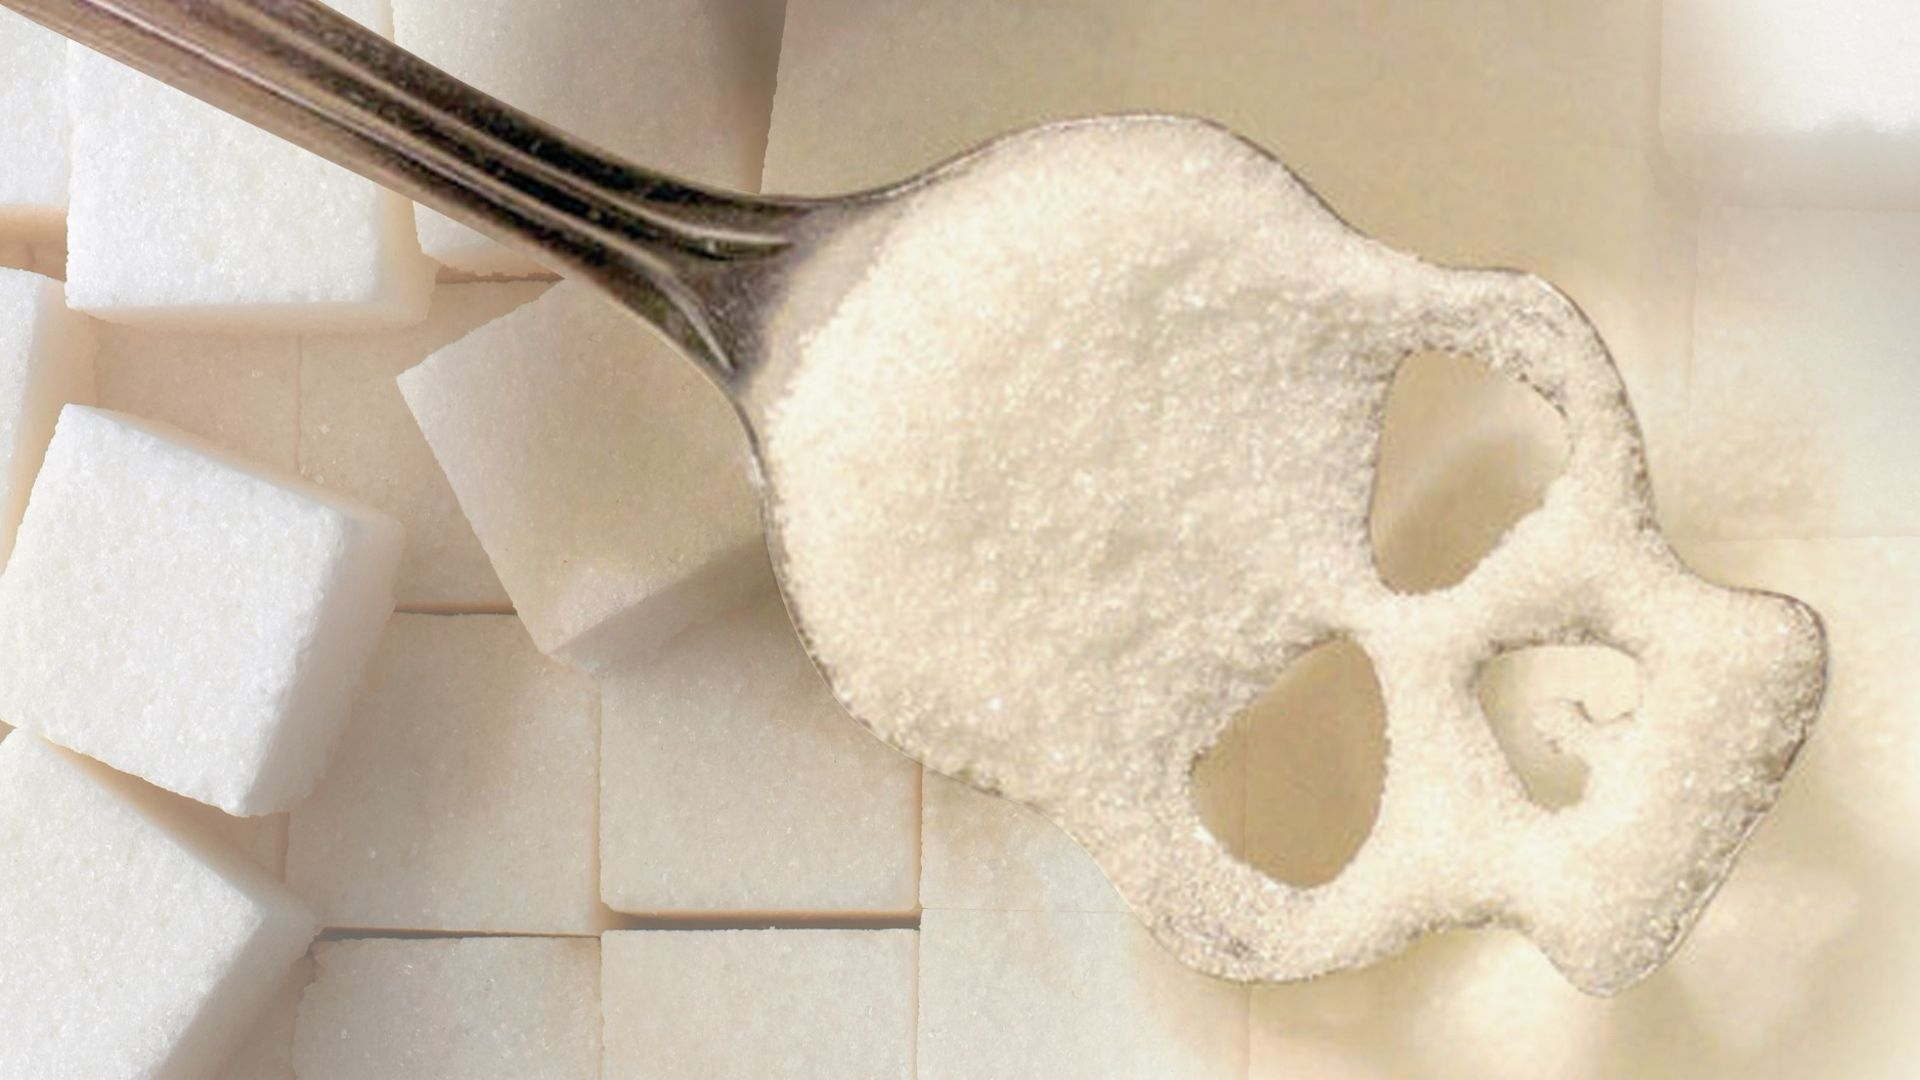 Şekeri yaşamınızdan çıkarmanız için gereken 10 neden